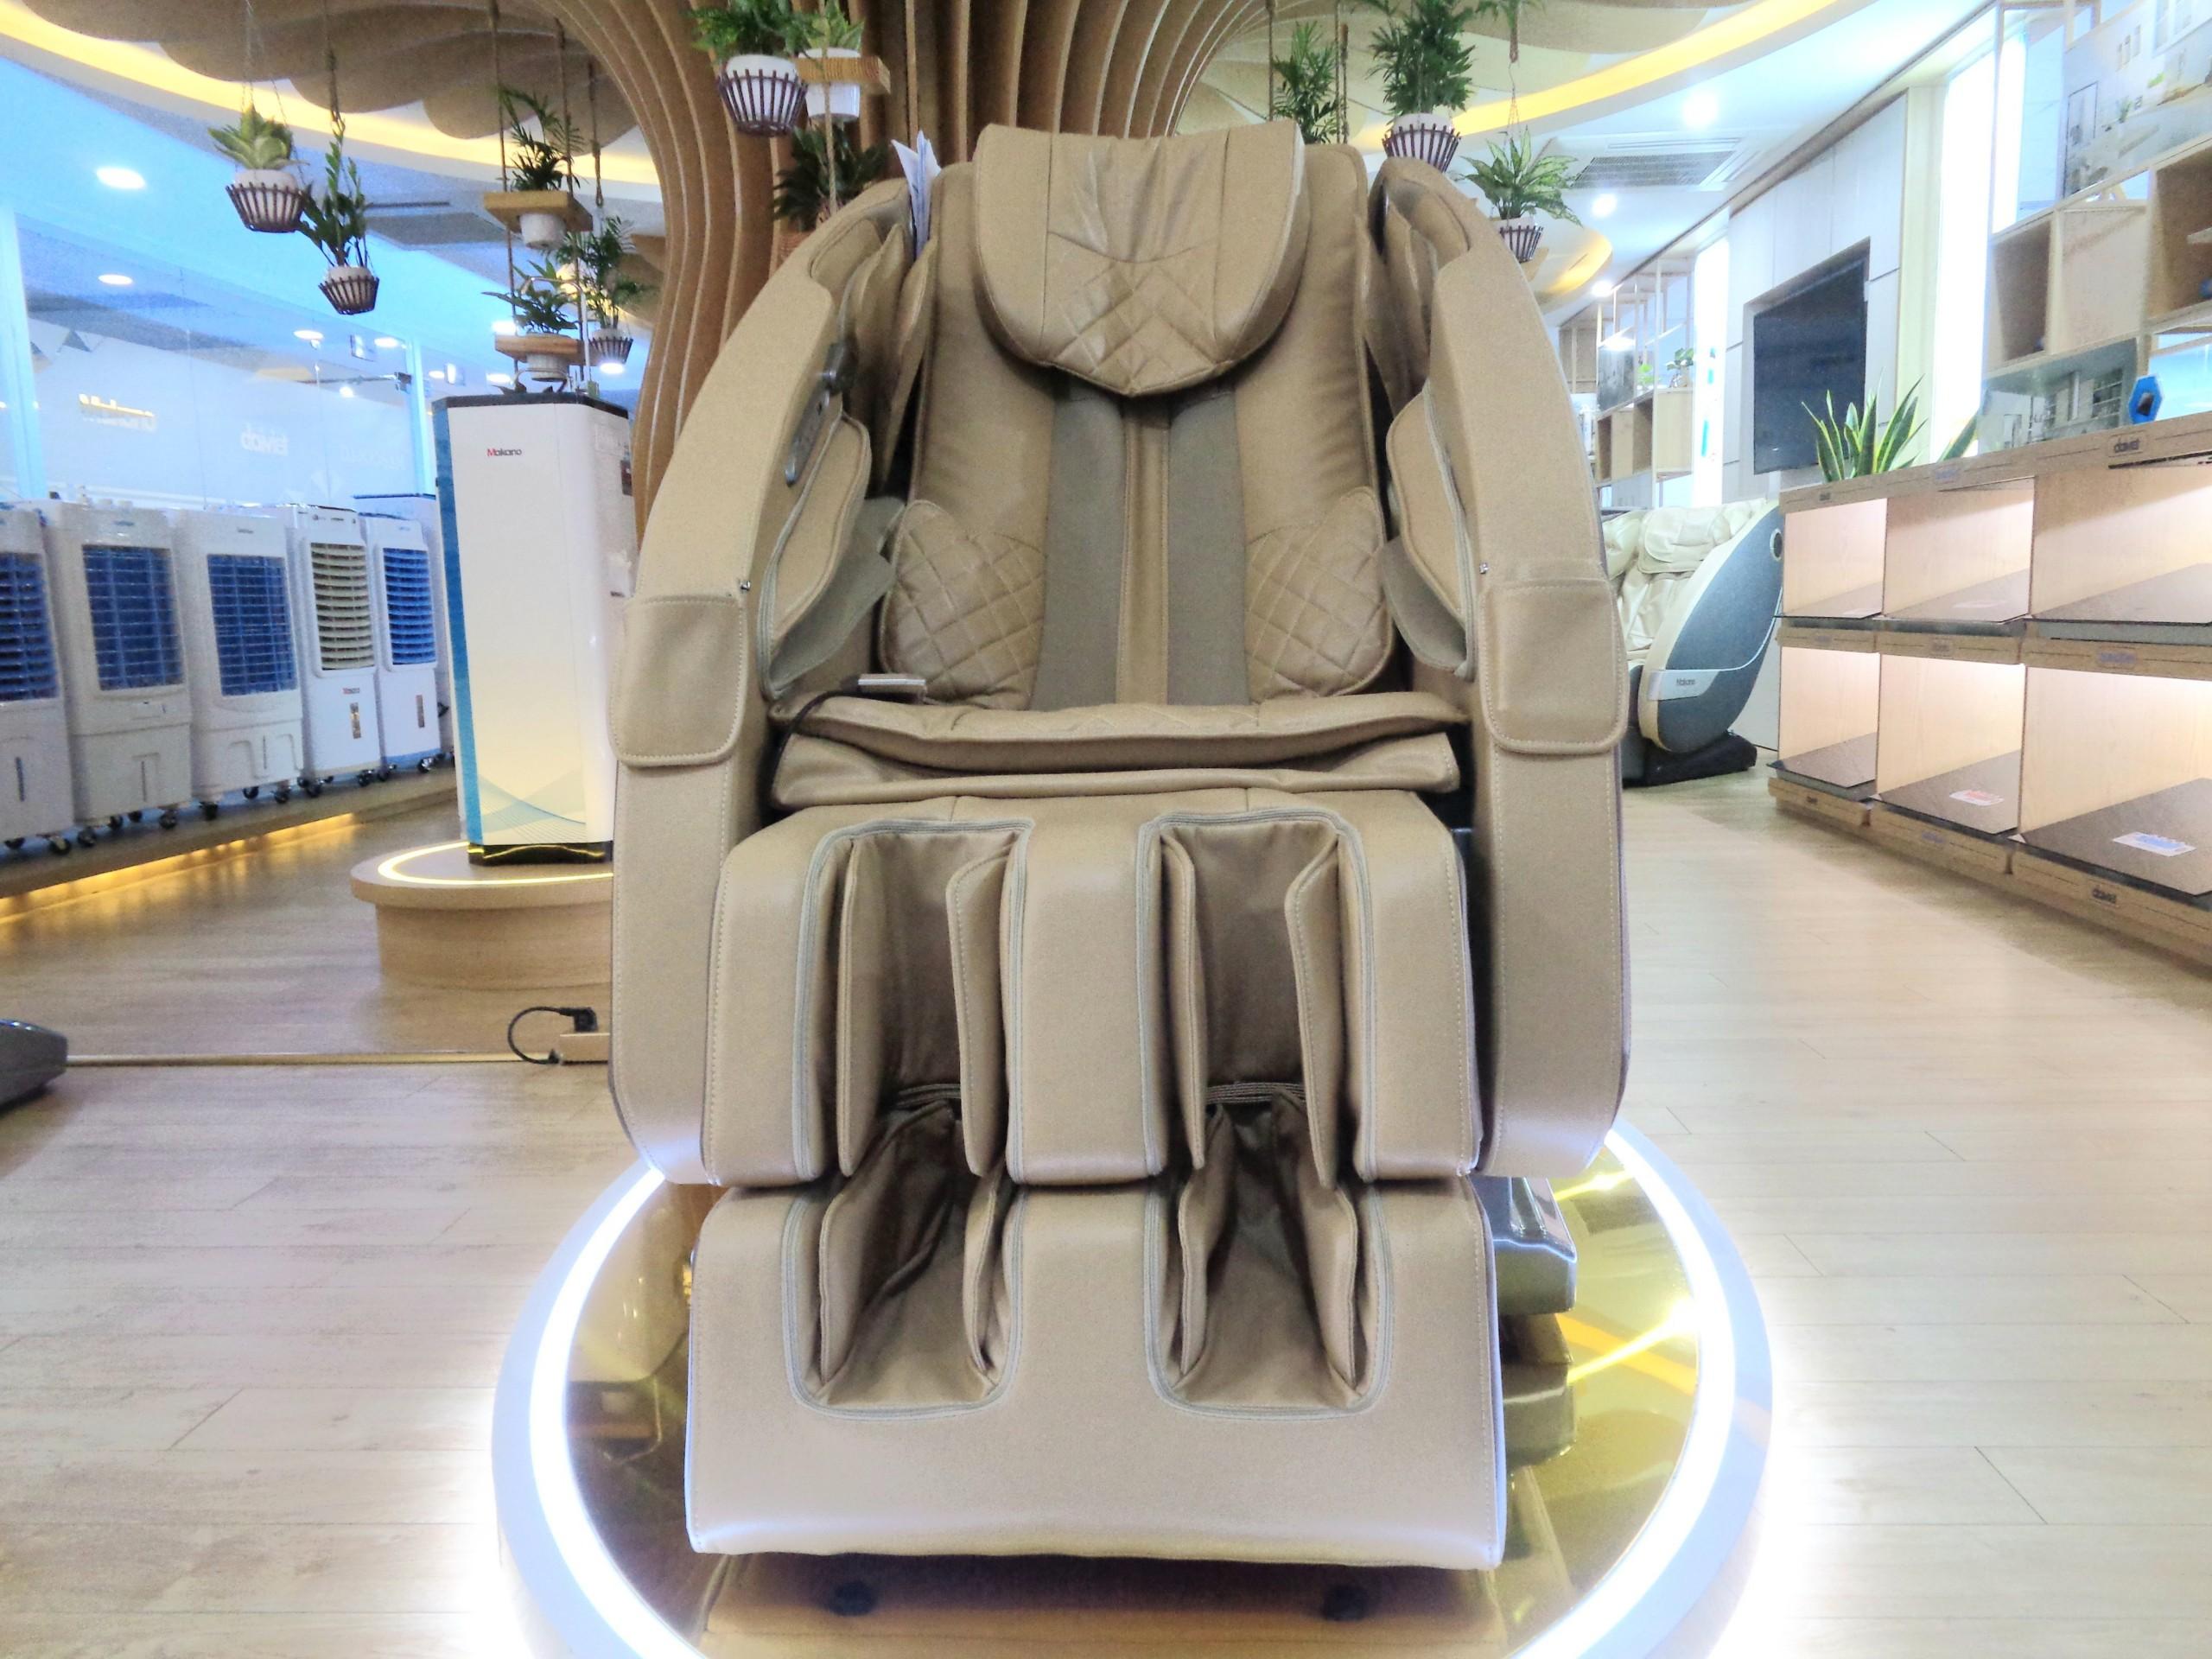 ghế massage có chức năng chữa bệnh,hỗ trợ điều trị bệnh